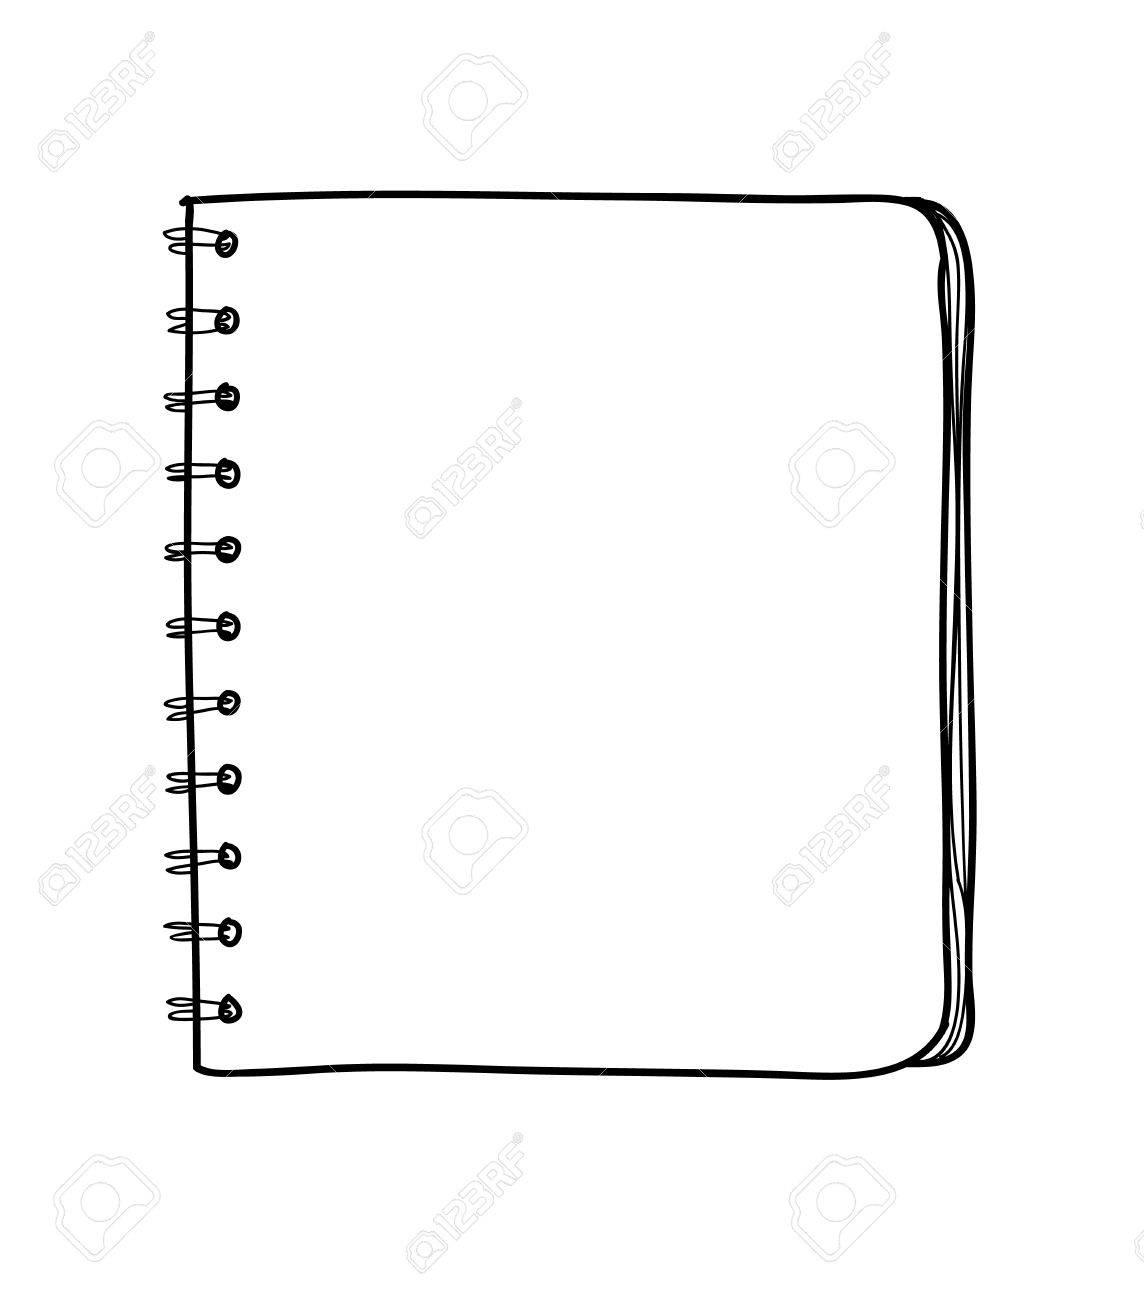 ベクター空白のノートブック手書きライン アートのかわいいイラストの